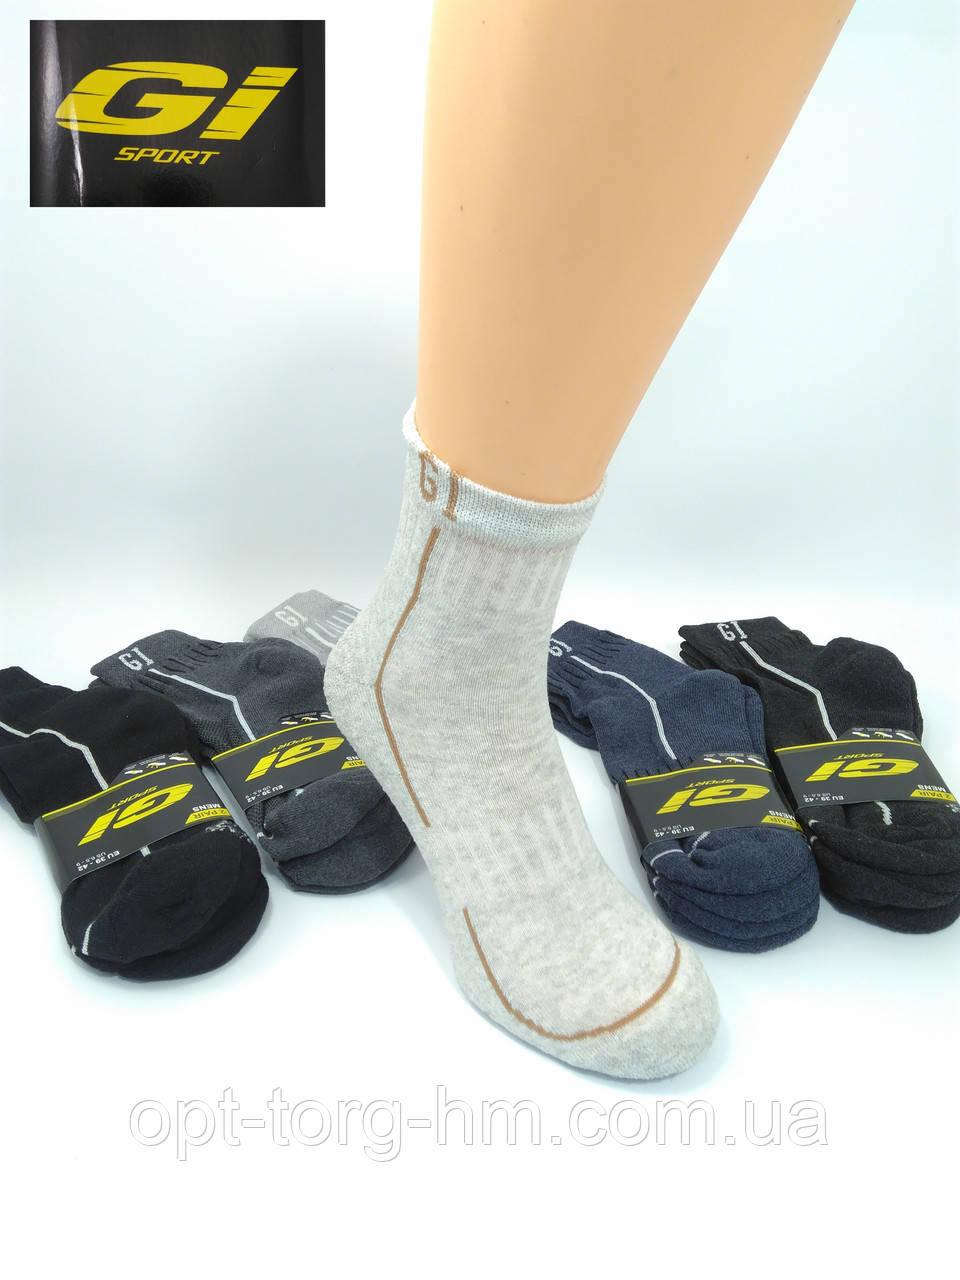 """Стопа махровая """"GI SPORT"""". Спортивные полумахровые мужские носки  39-42(ОБУВЬ)"""